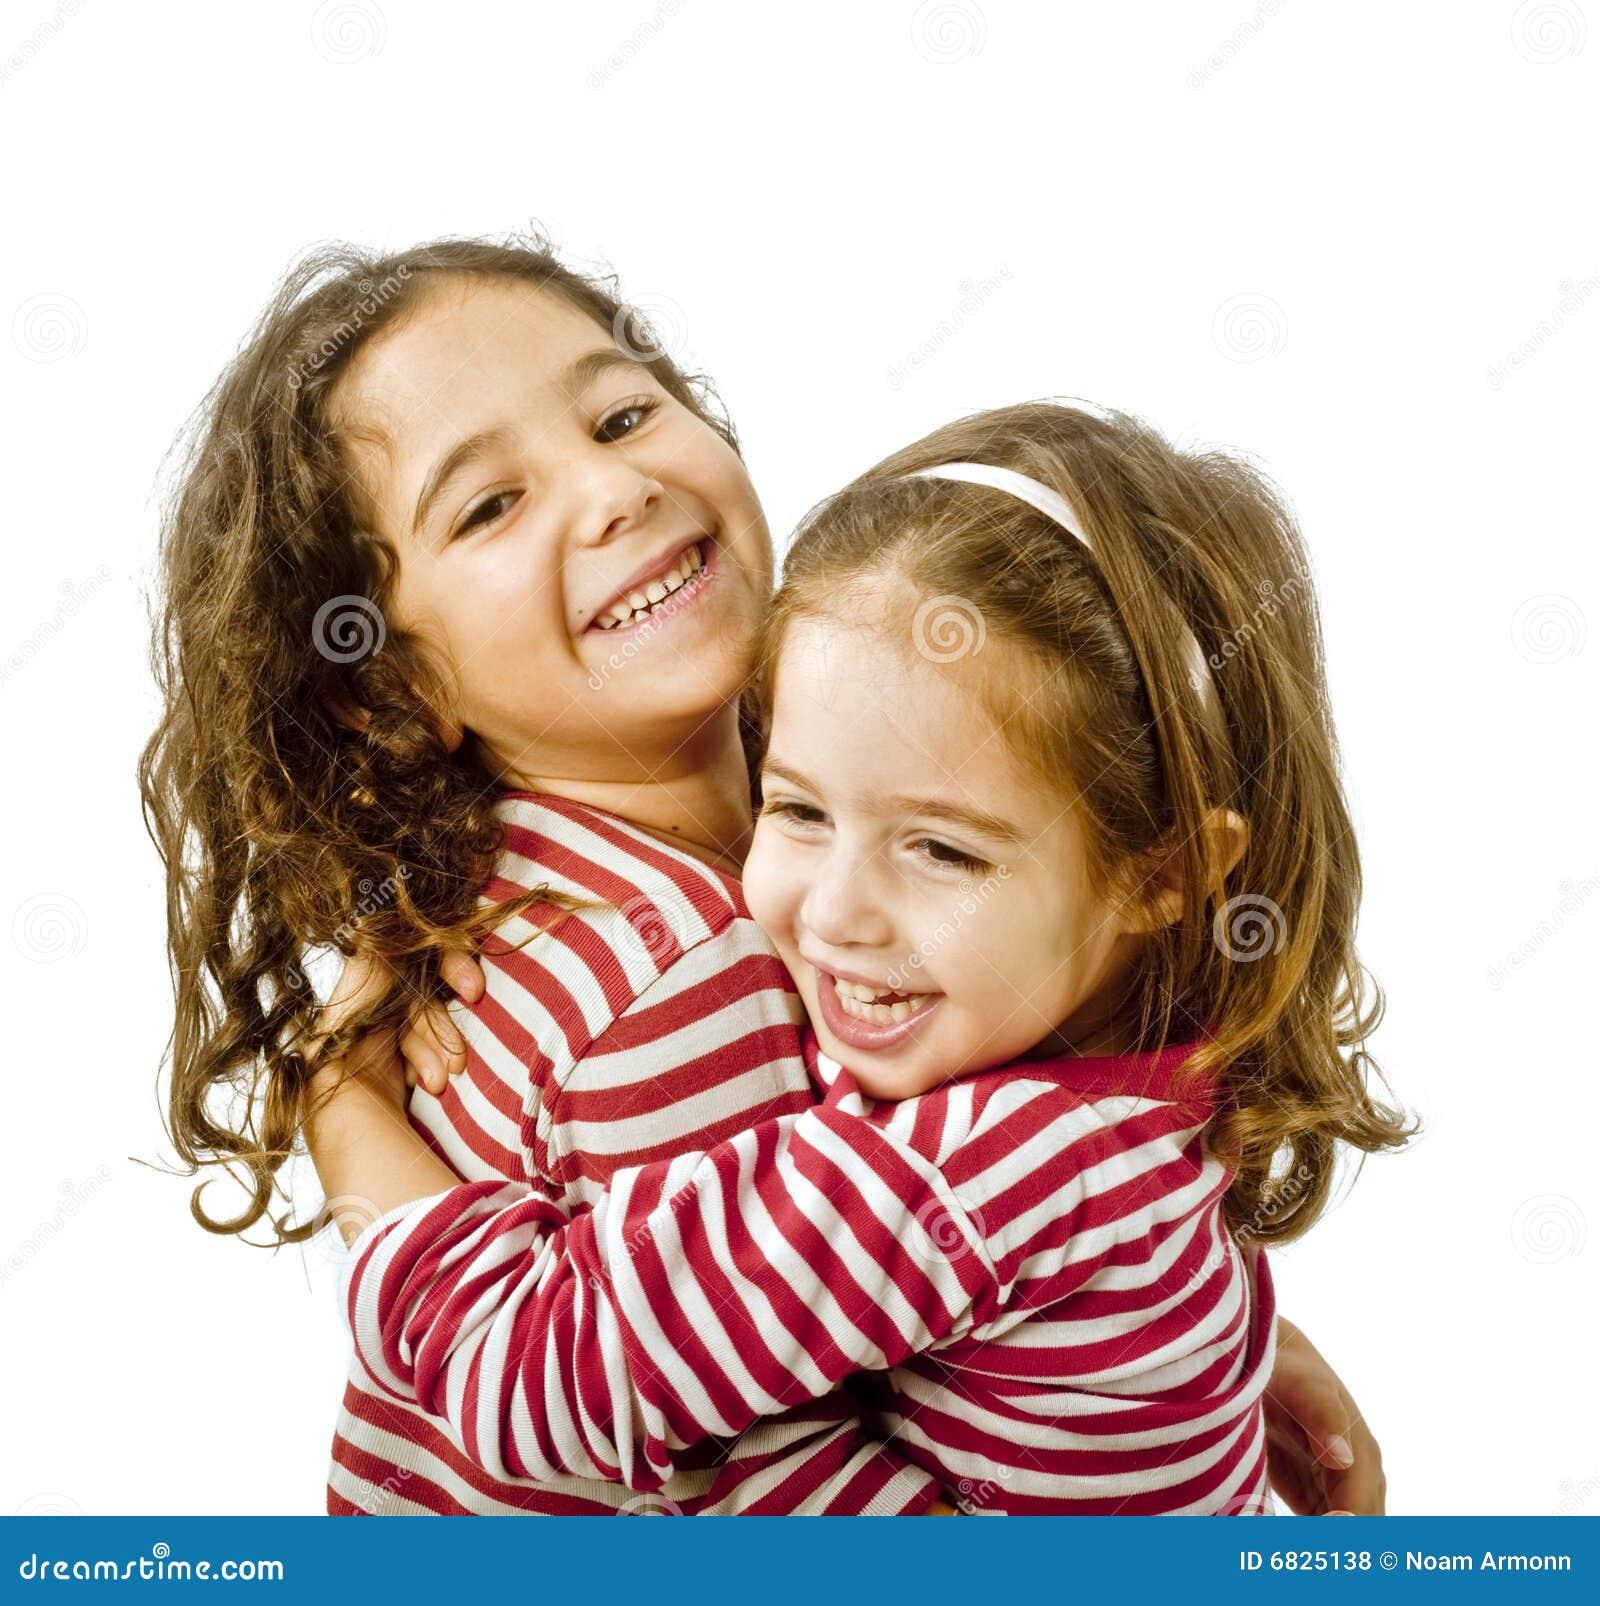 Старший брат трахнул младшую сестру 17 фотография